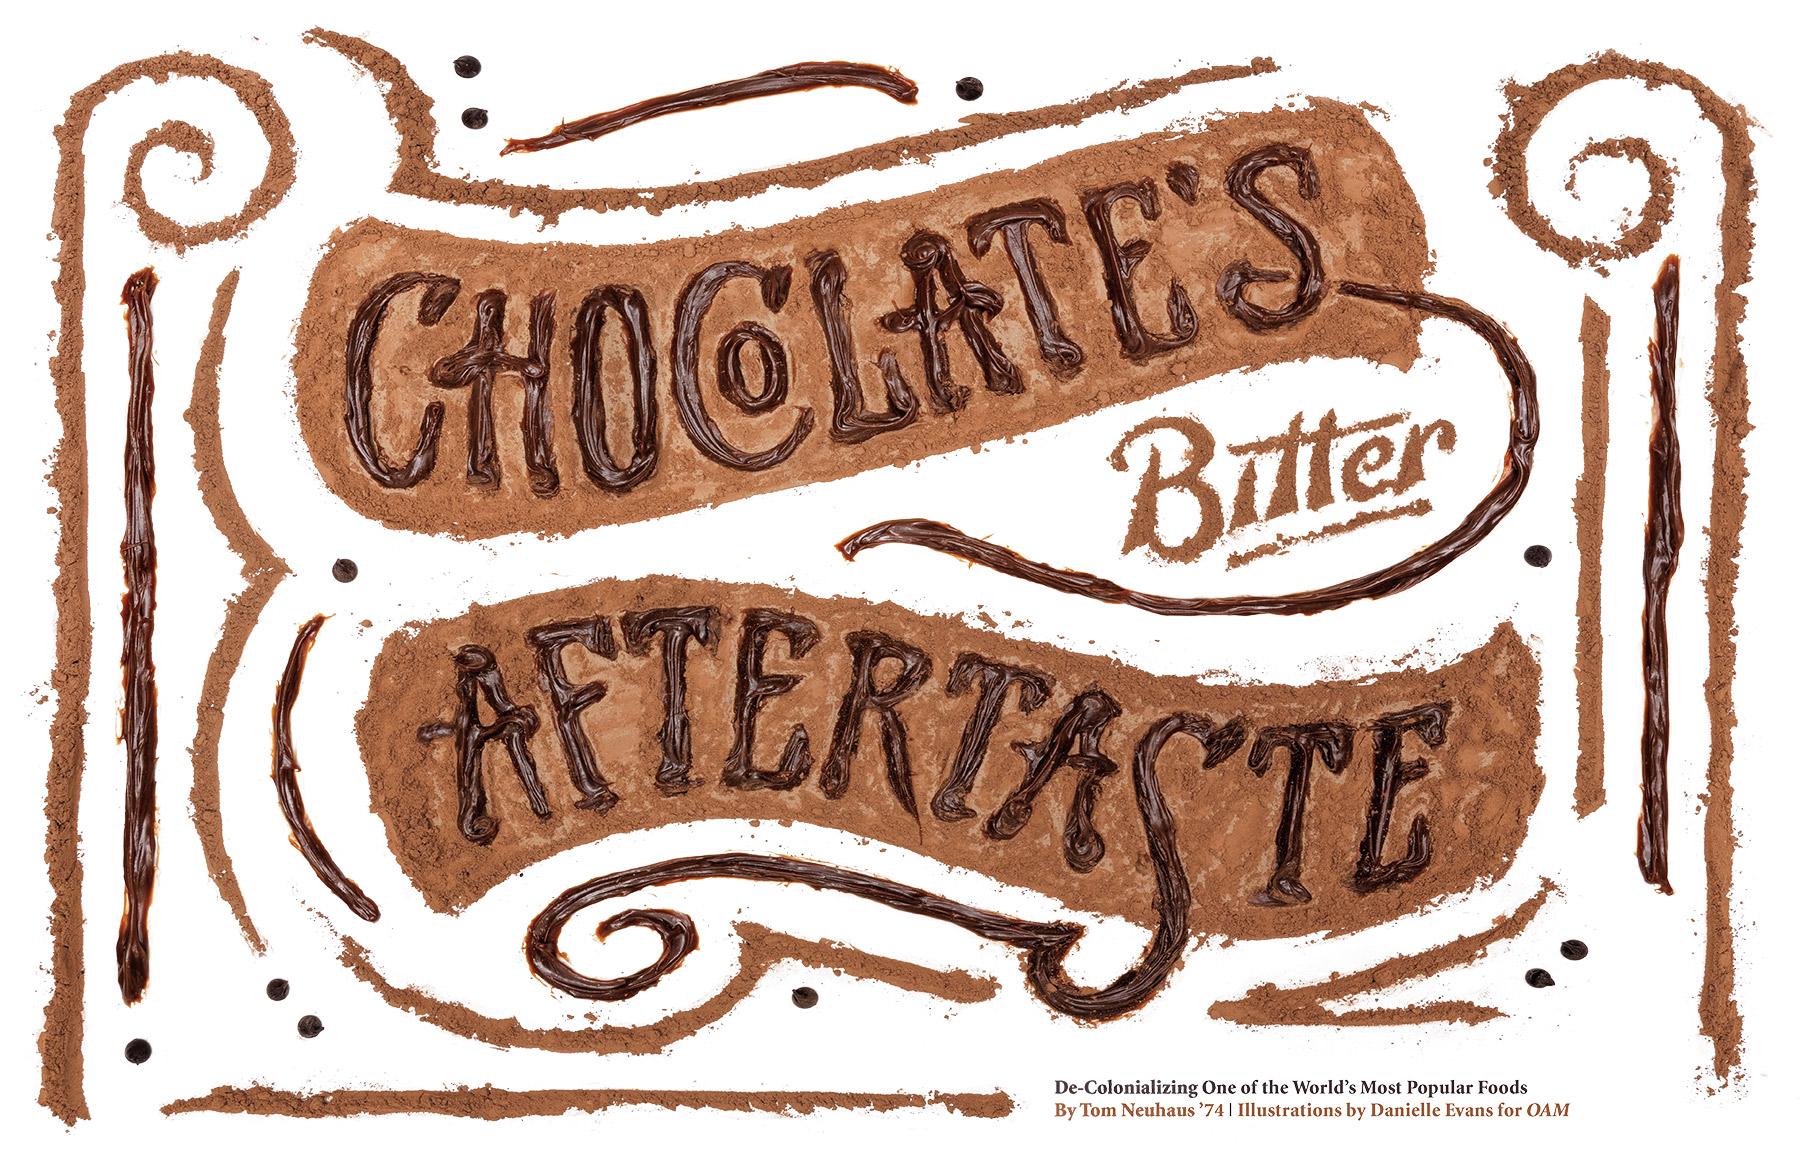 Oberlin-Chocolate's-Aftertaste-print-1.jpg